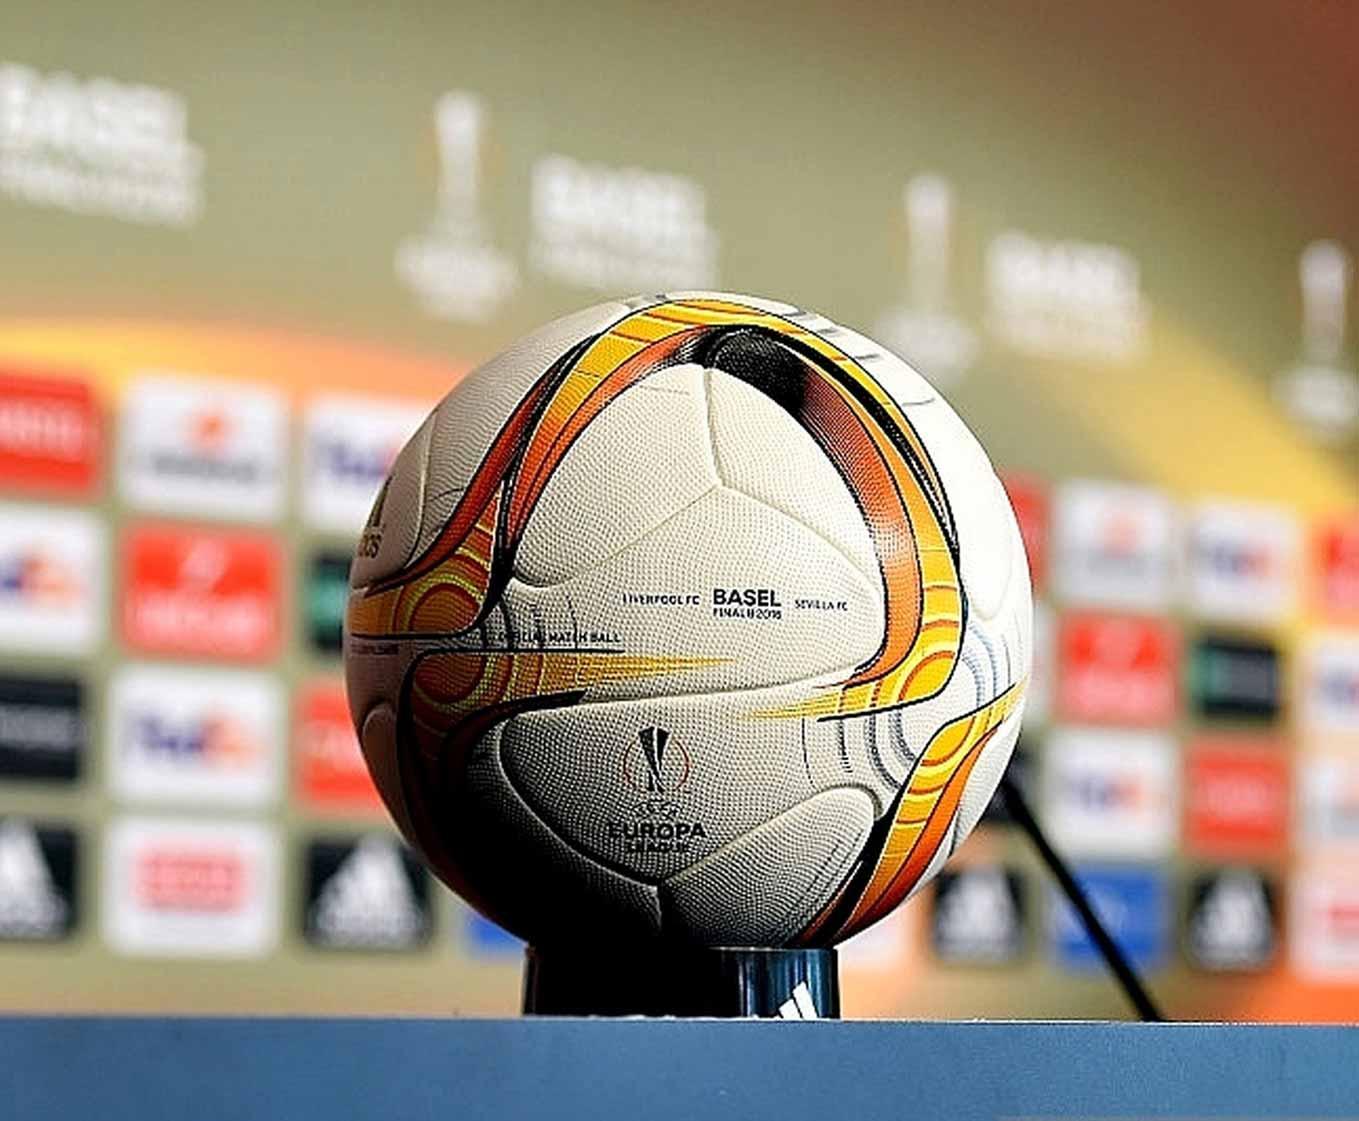 Мяч финала Лиги Европы 2016 - Basel Final 2016